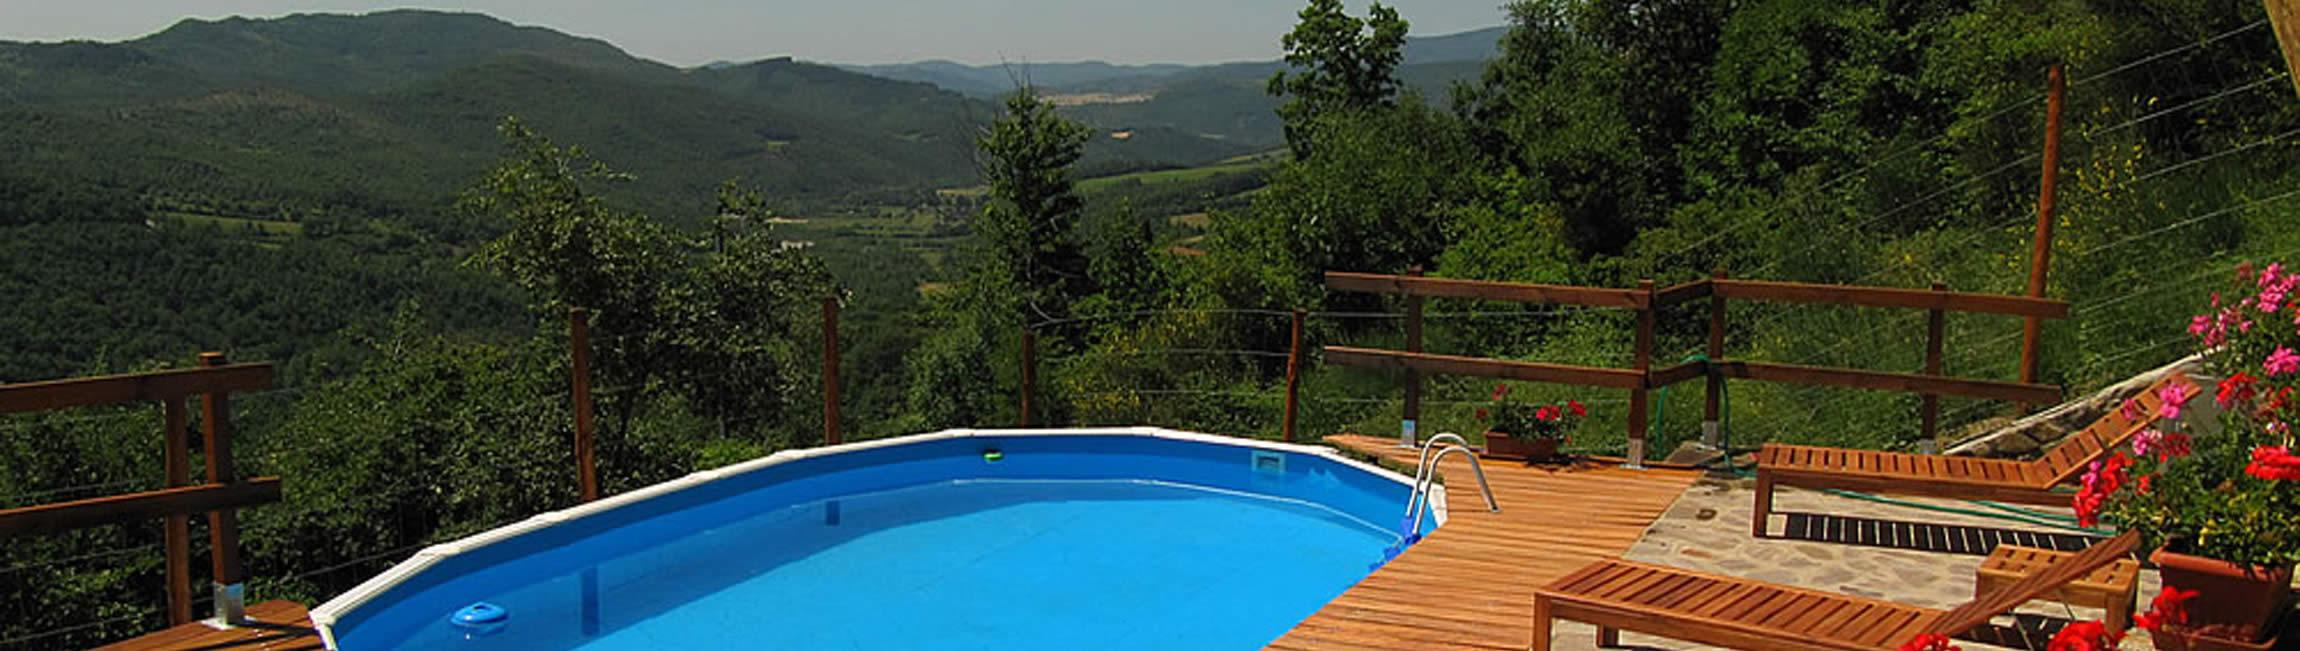 ferienhaus mit pool in der toskana casamoscaio buchungskalender. Black Bedroom Furniture Sets. Home Design Ideas